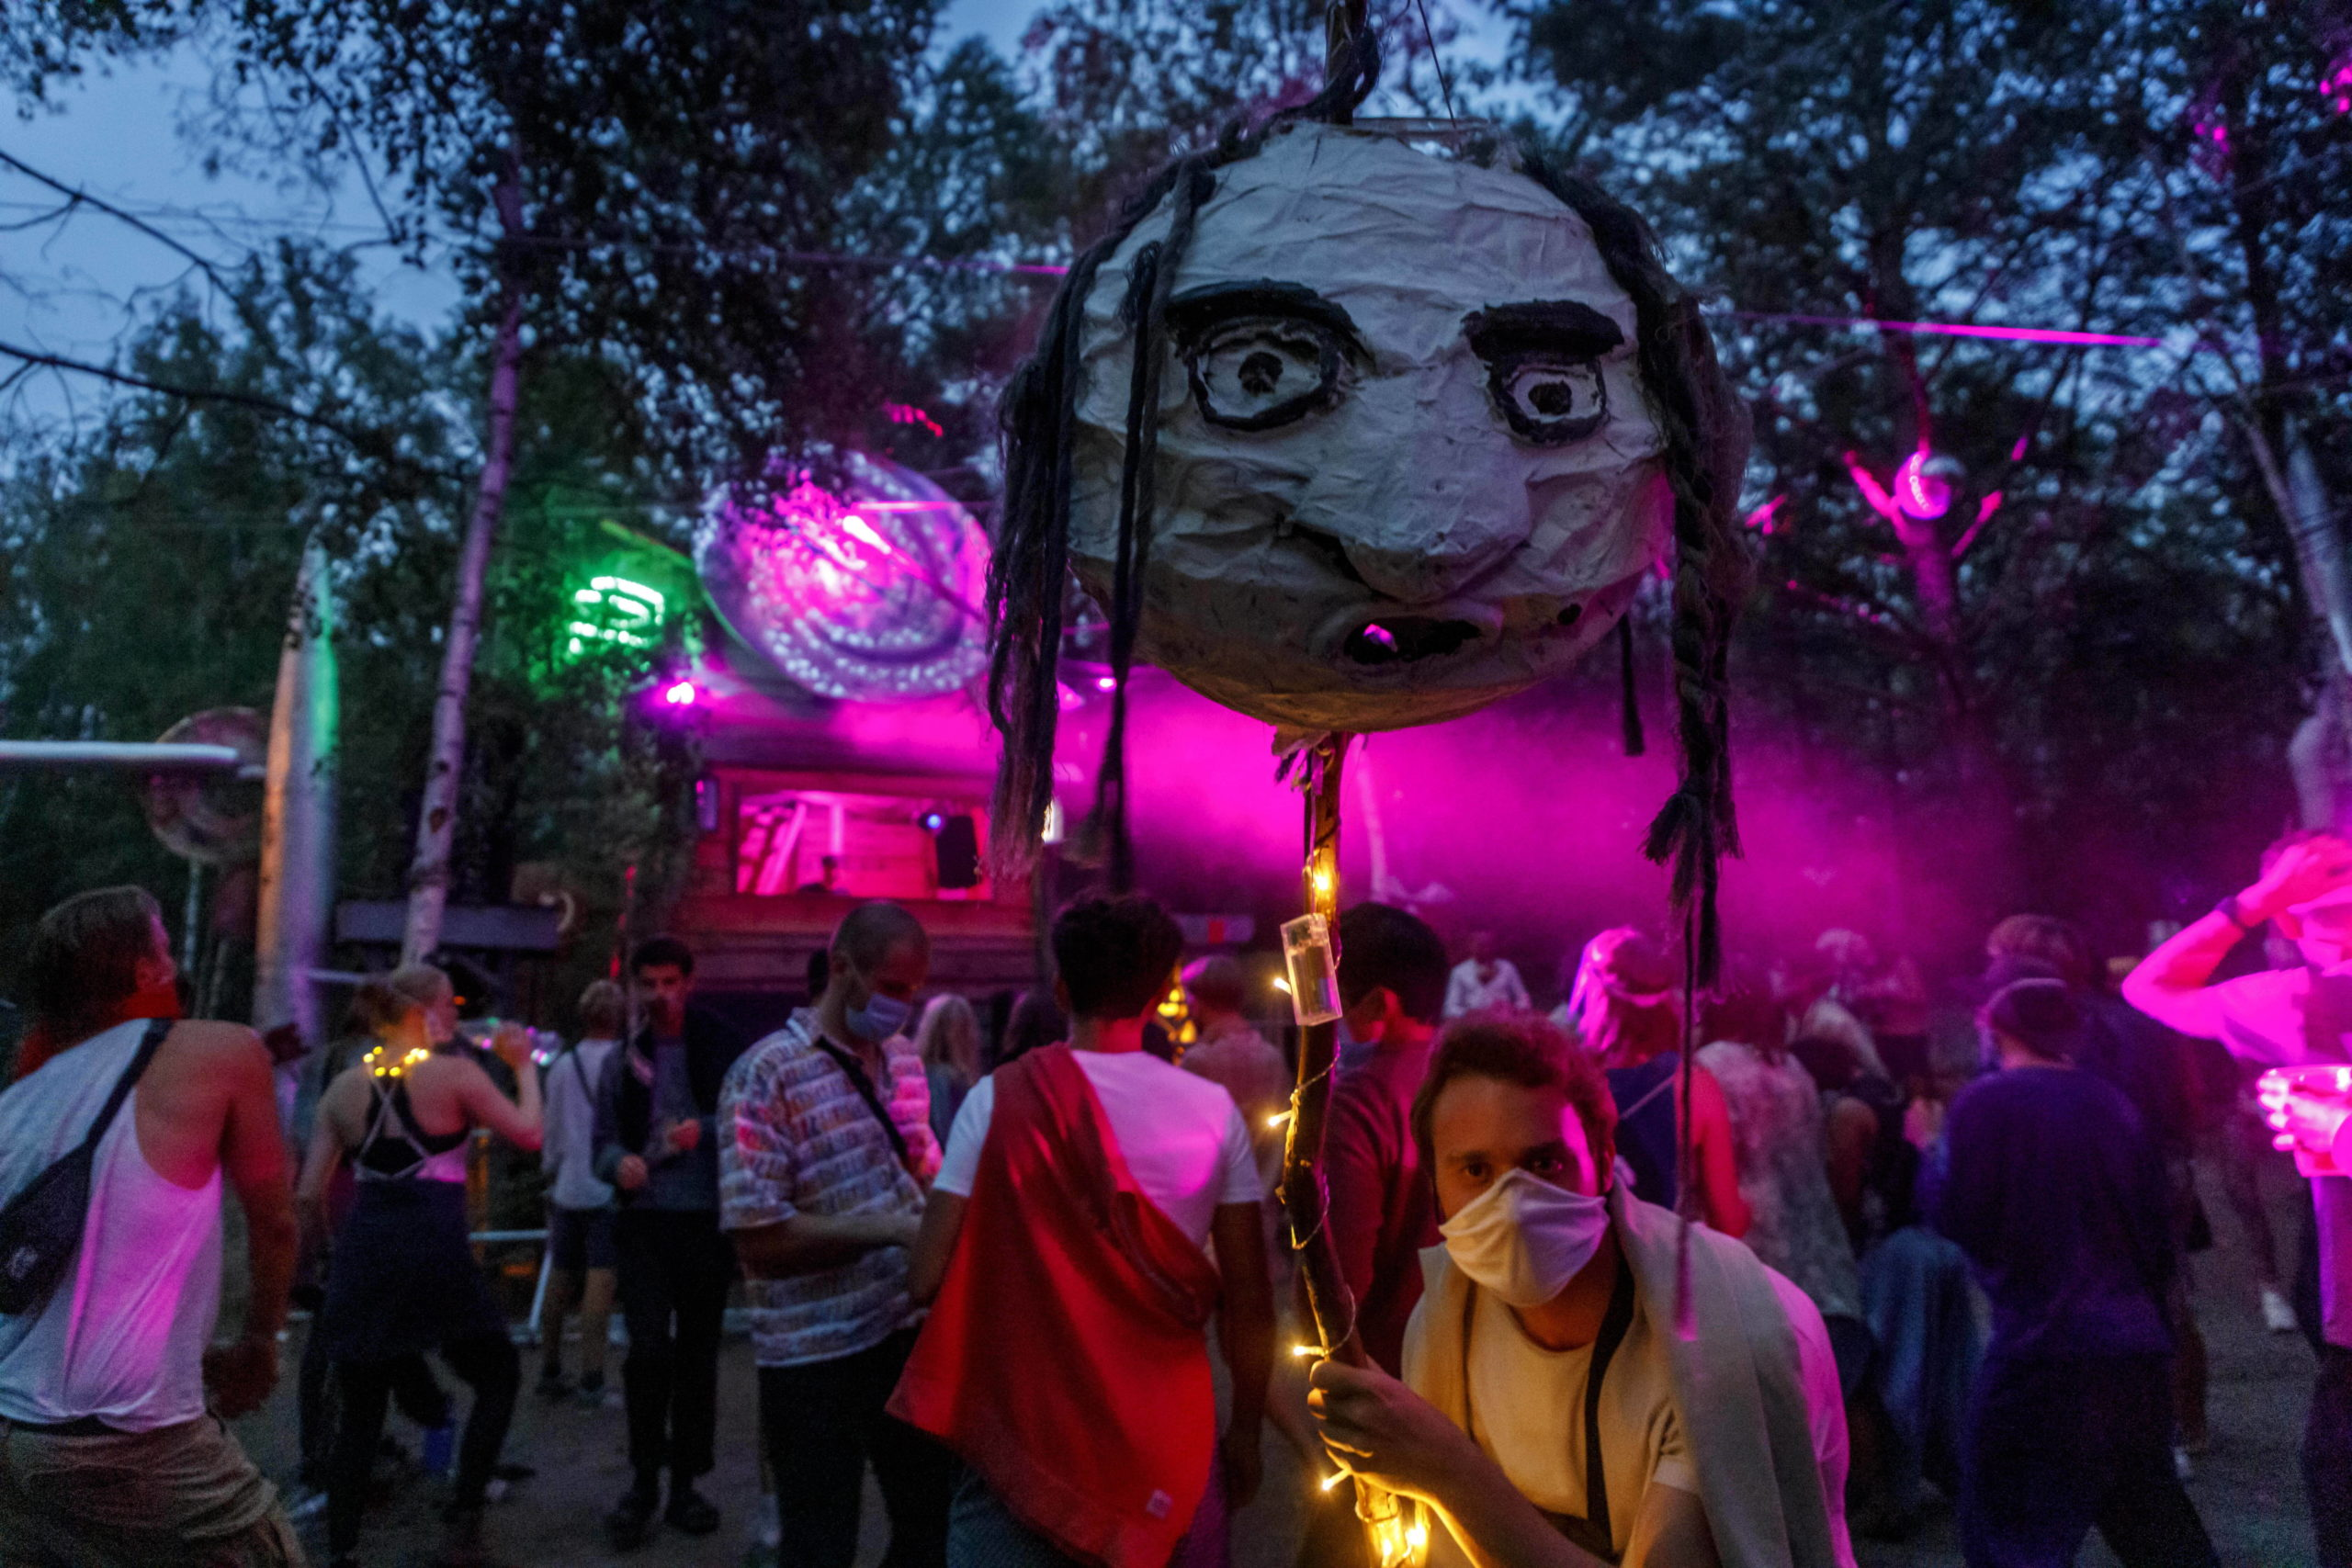 """Festival geht auch bei Pandemie, bewies die """"Milde Möhre"""" im Sommer 2020. Foto: Imago/Rainer Weisflog"""